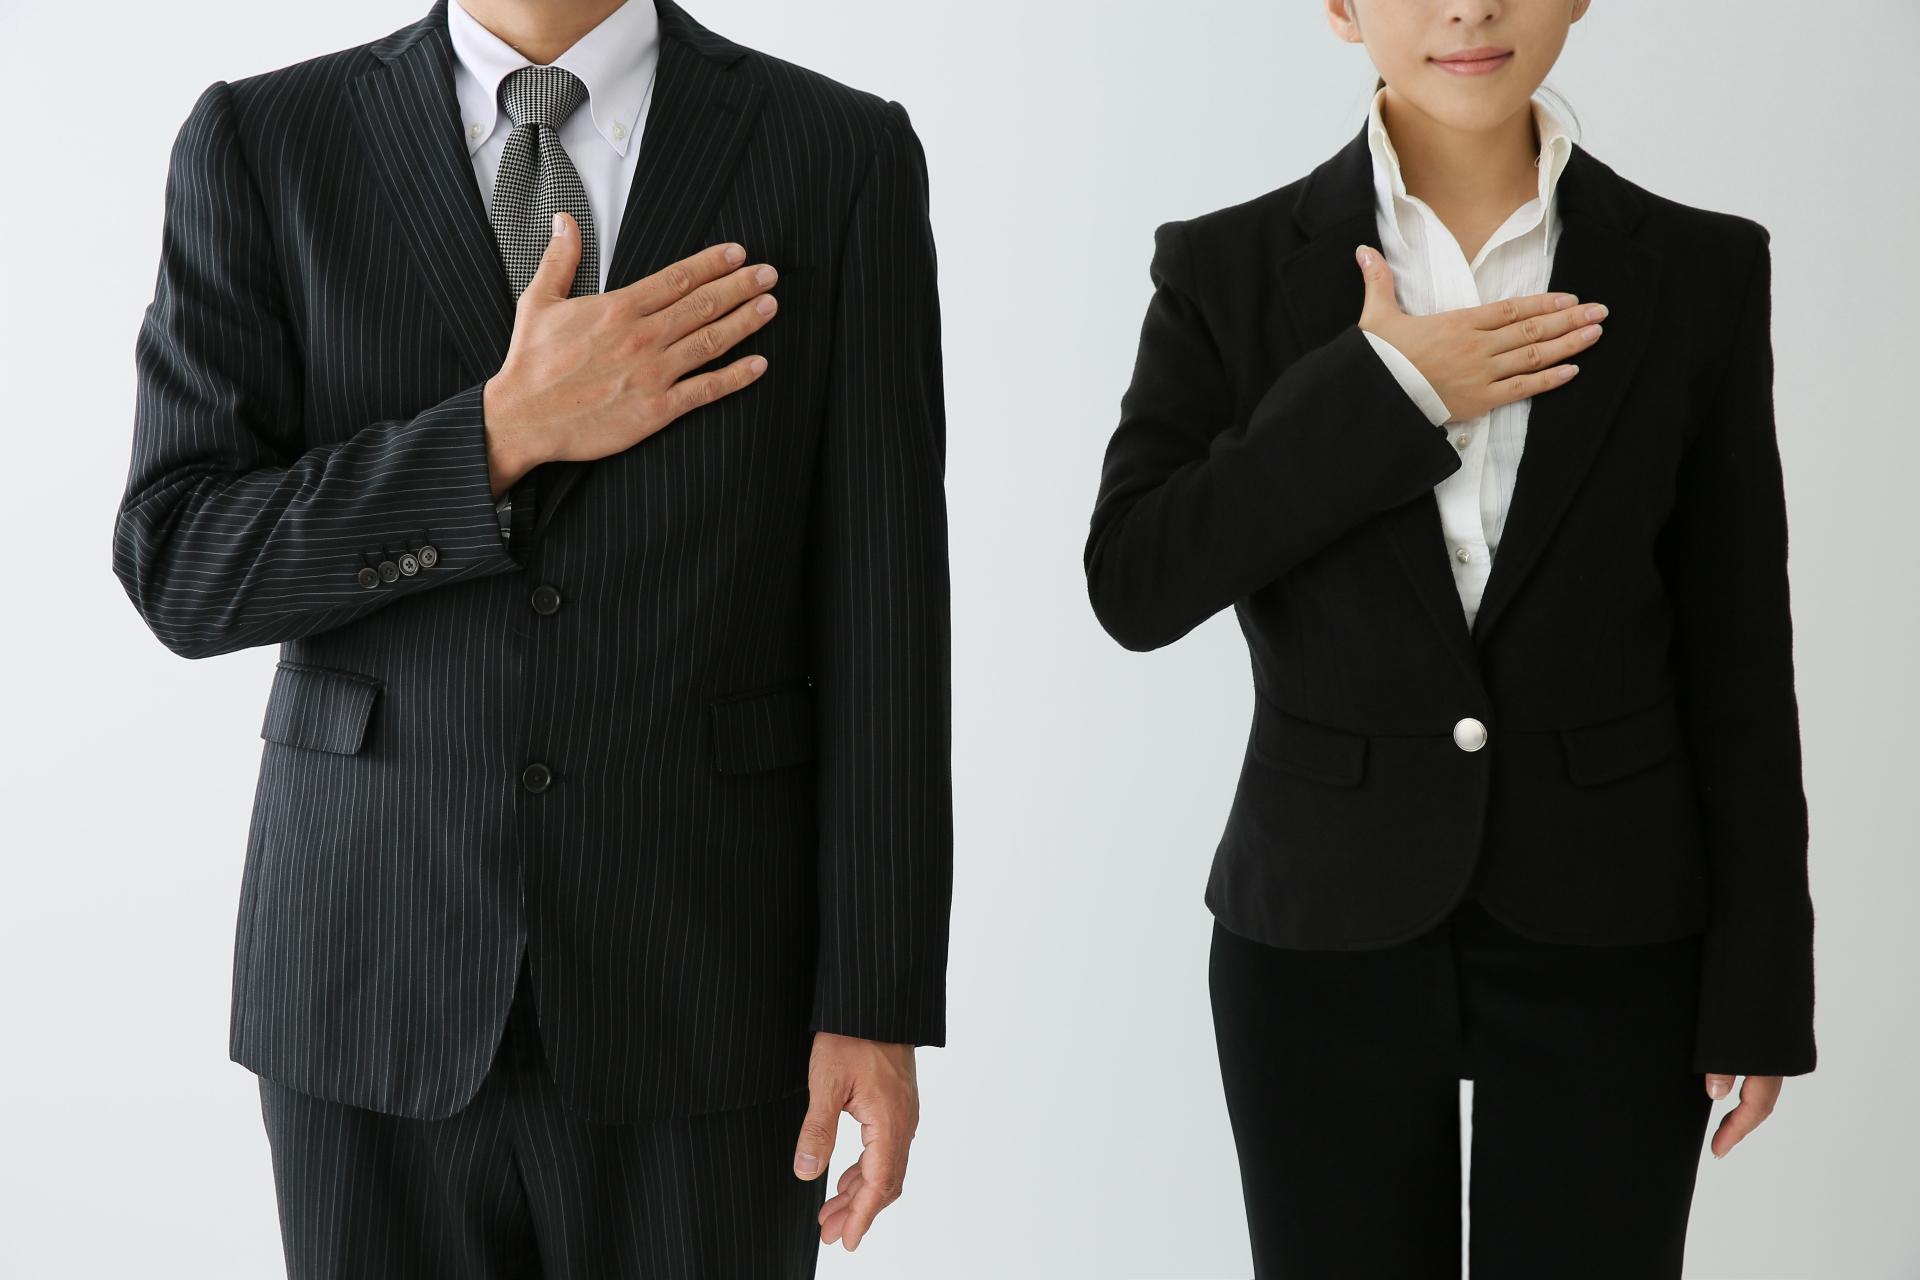 三重県探偵ブログ 夫の浮気・相談相手に友達やママ友を選ぶと失敗する話